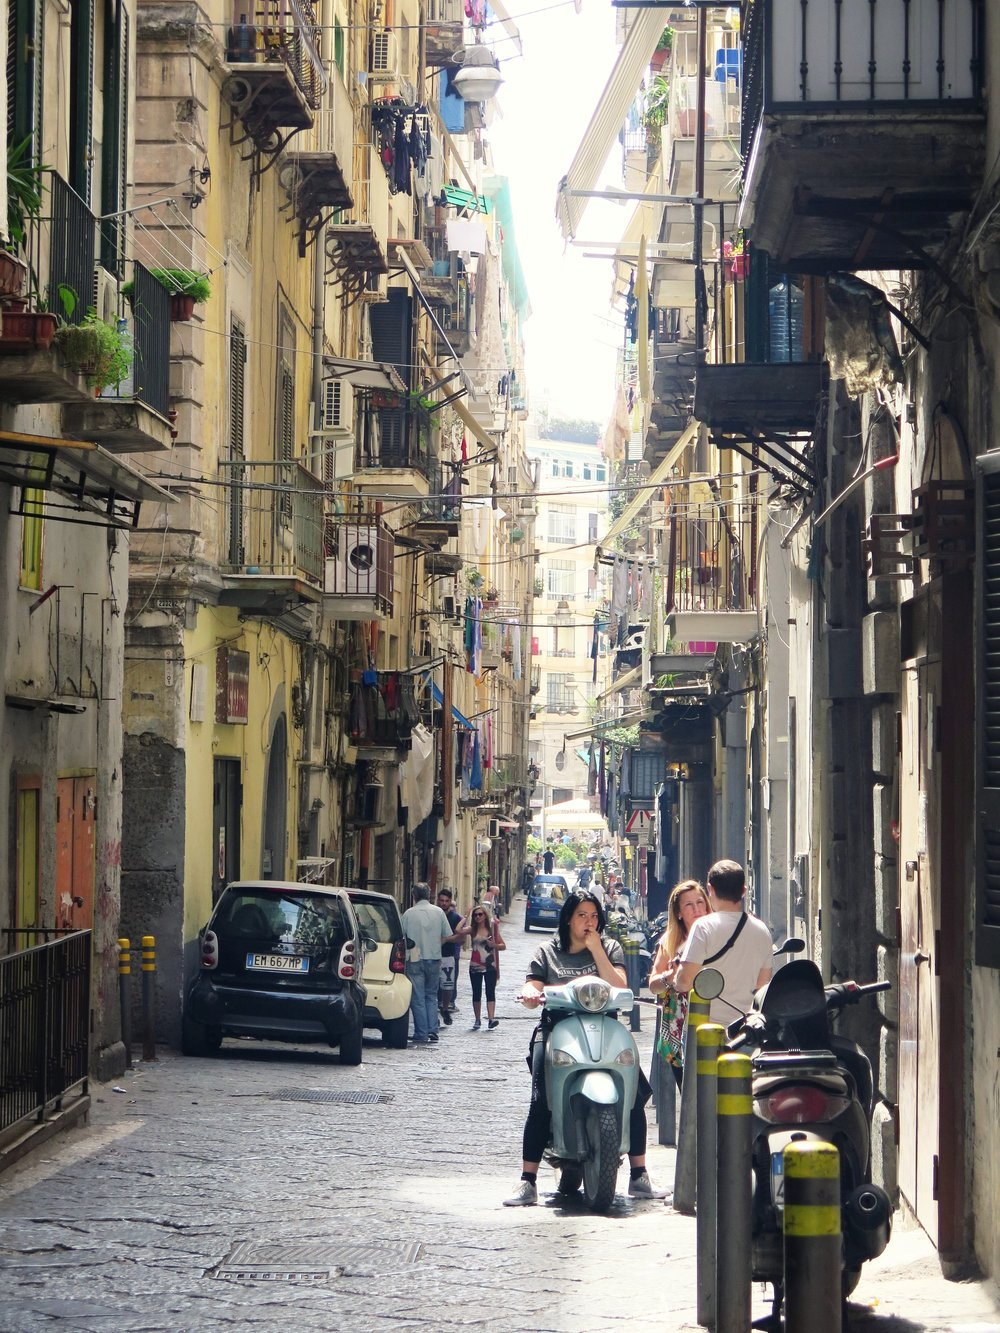 The Spanish Quarter